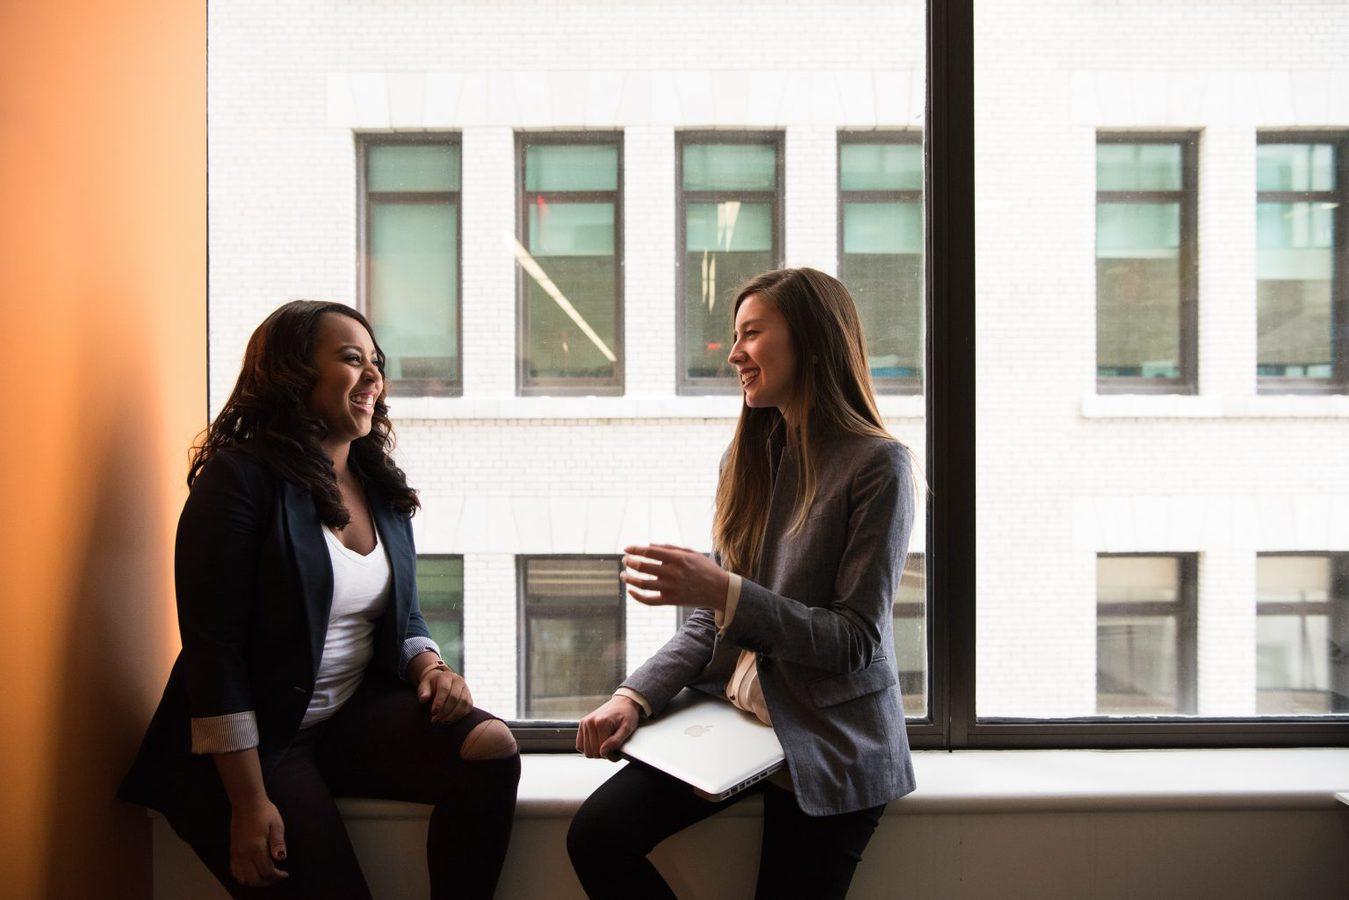 Women having a conversation next to a window